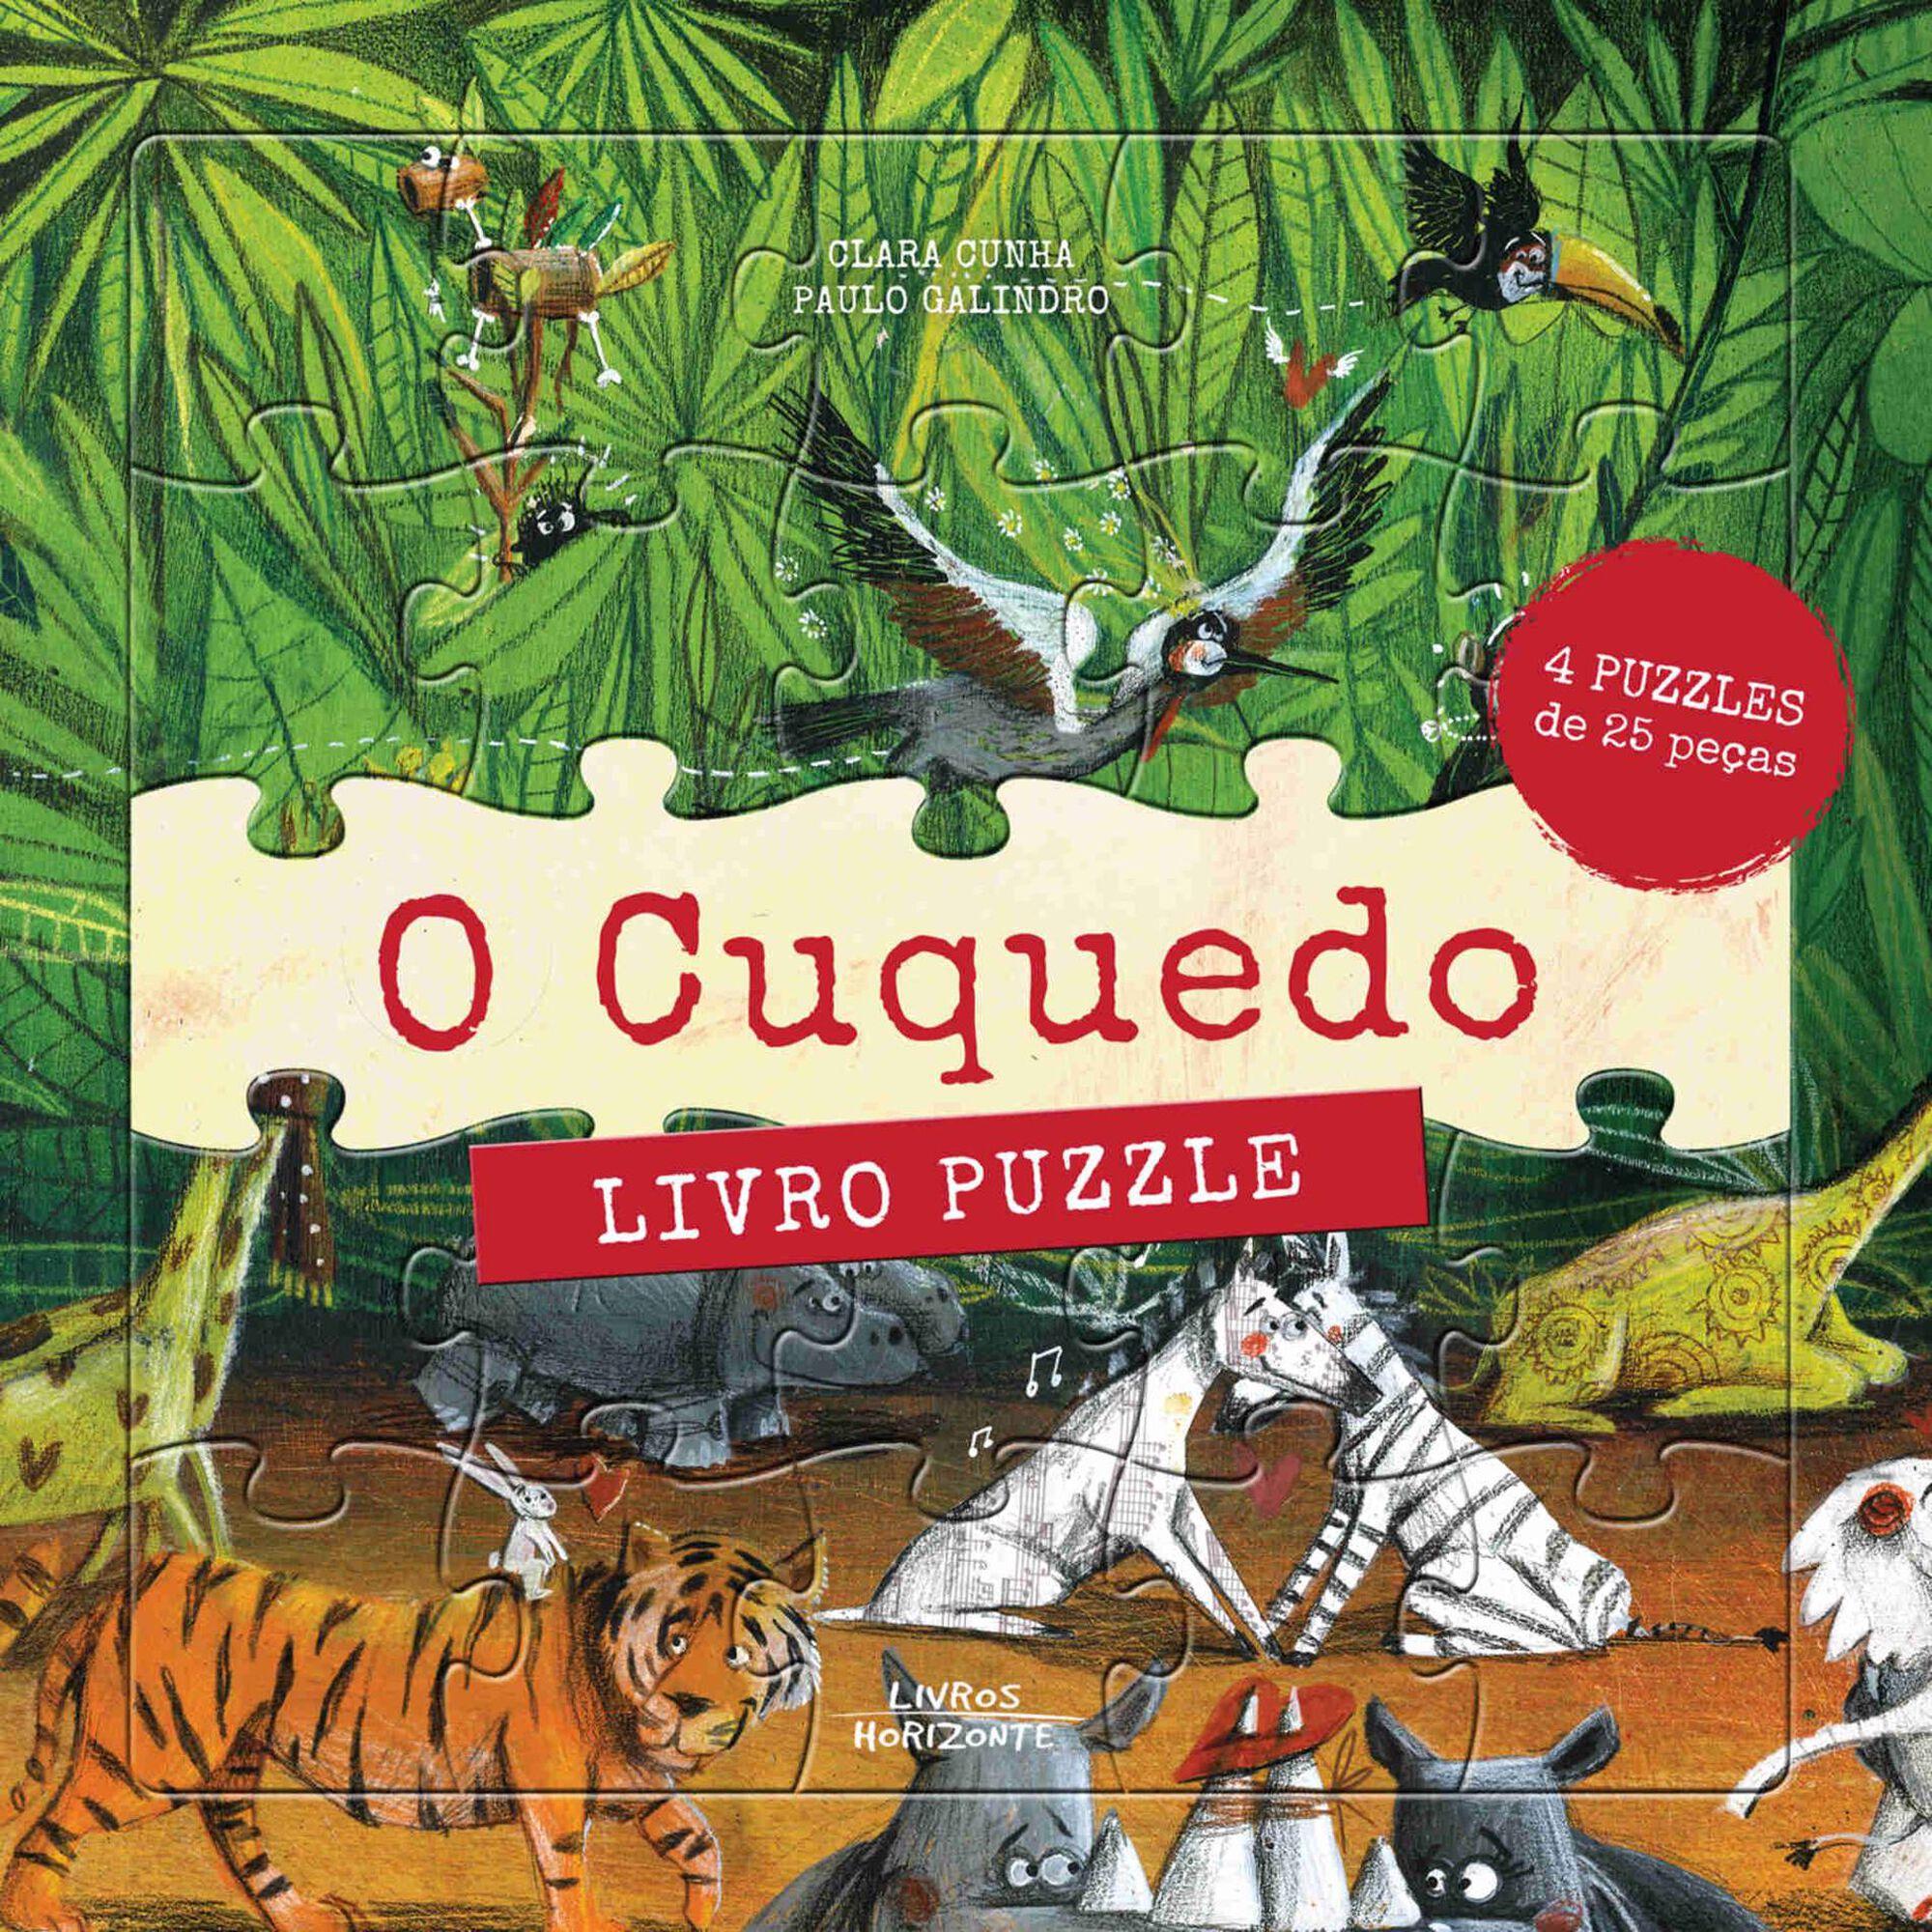 O Cuquedo - Livro Puzzle